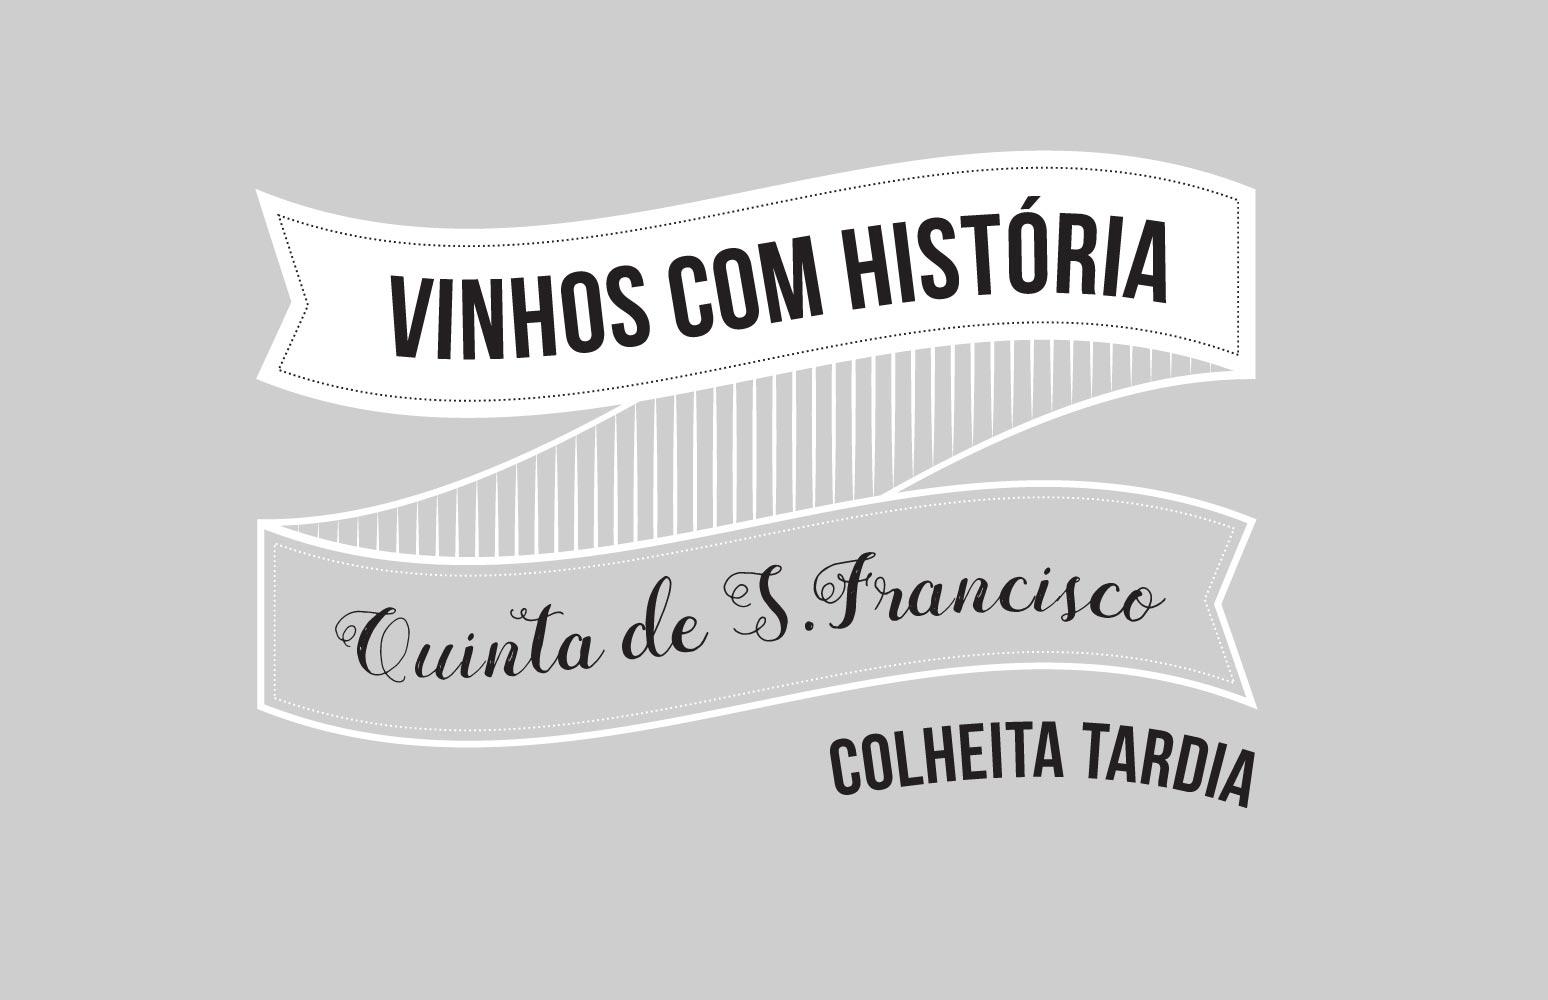 Vinhos com História – Quinta de São Francisco Colheita Tardia